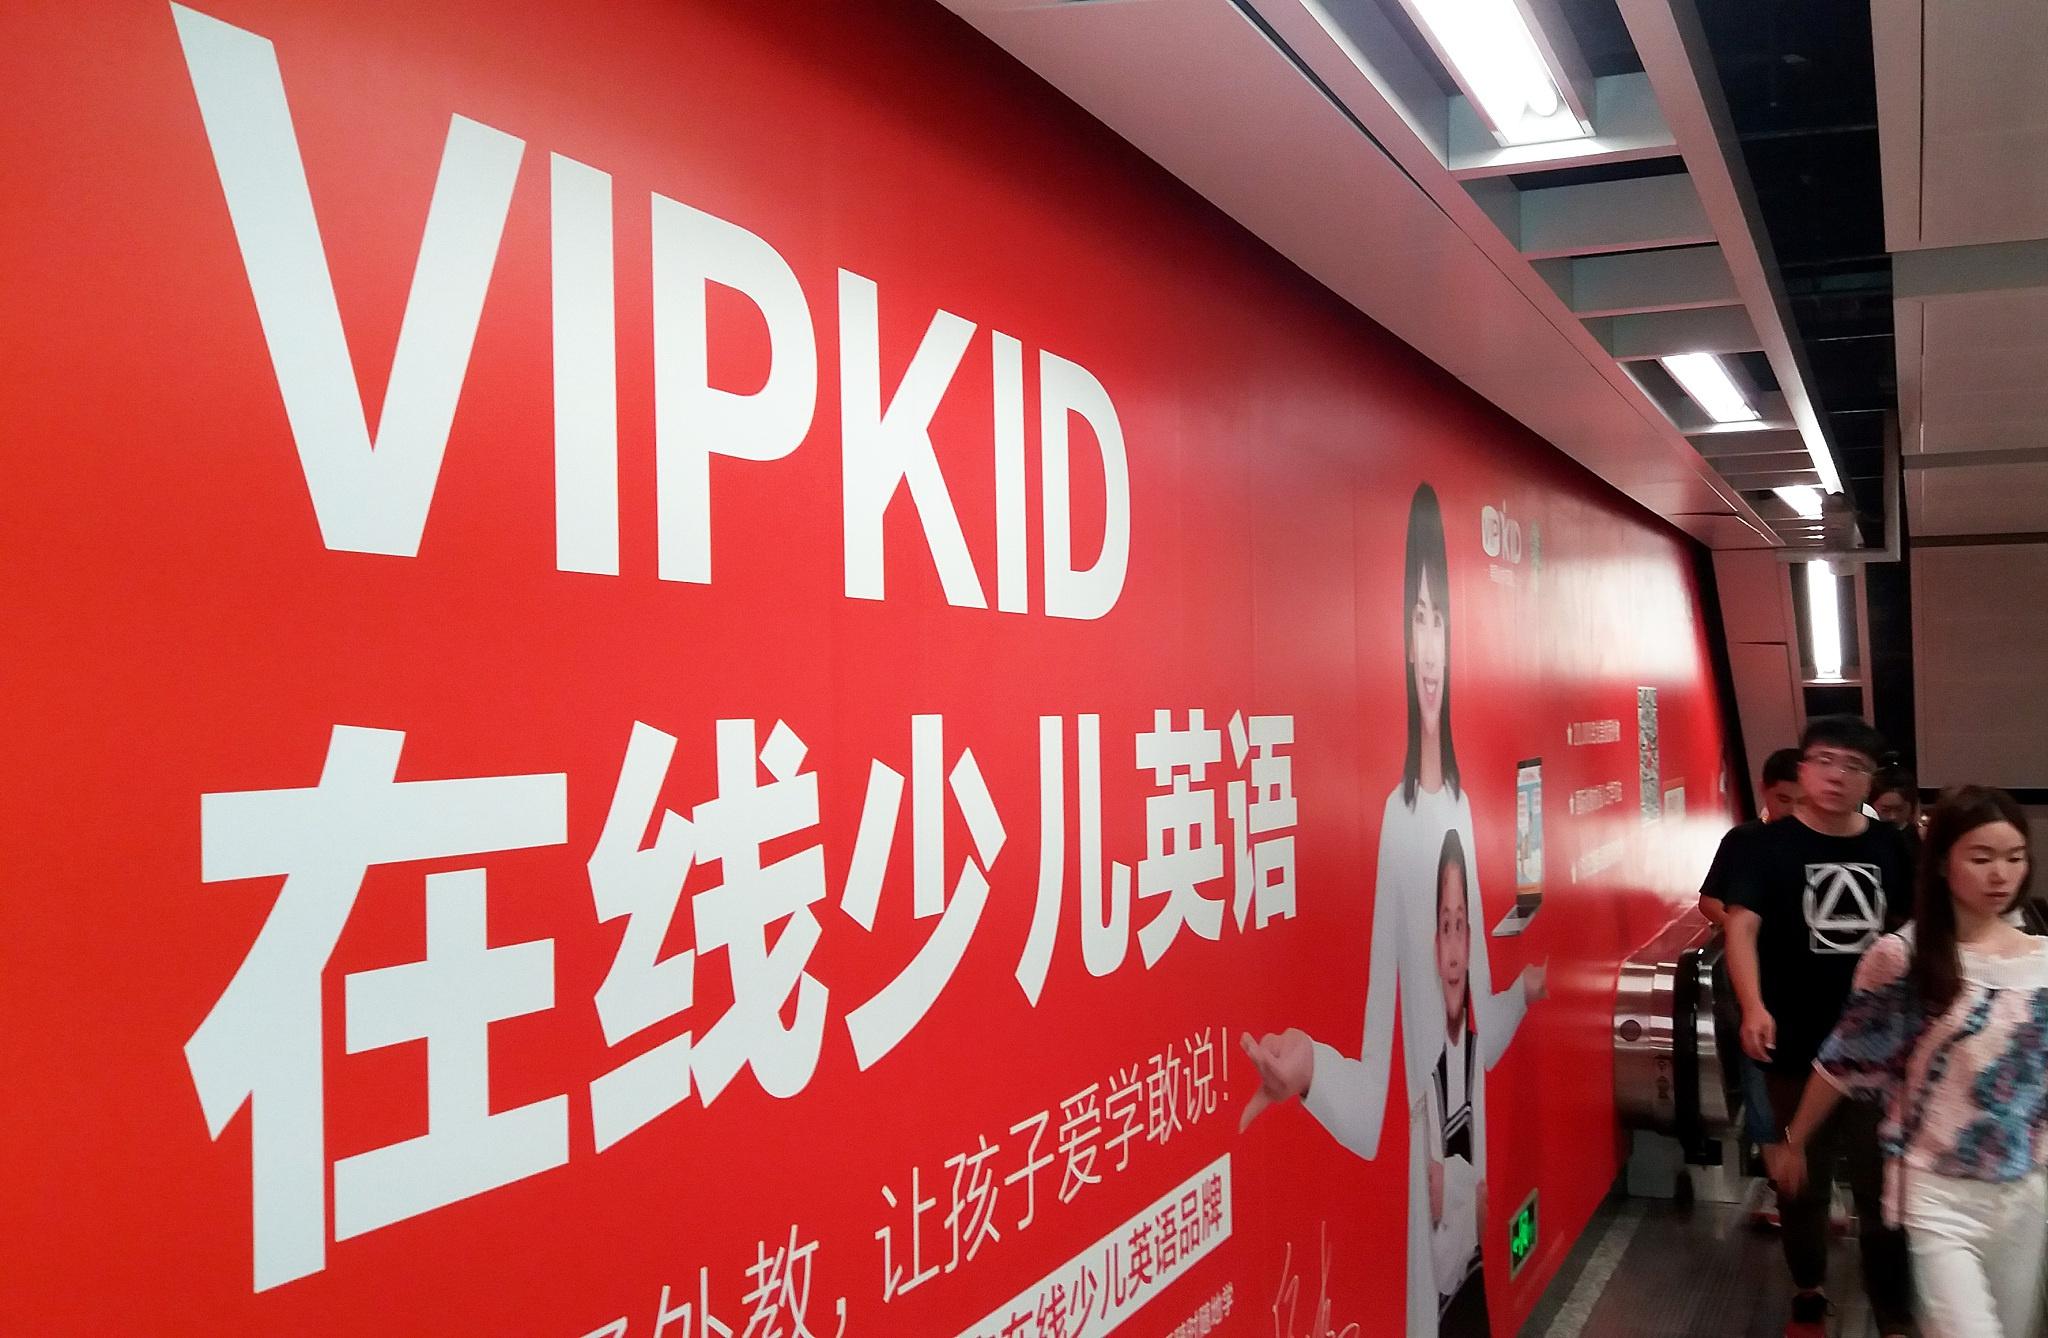 VIPKID否认上市,裁员消息频发,据传其亏损严重、盈利困难